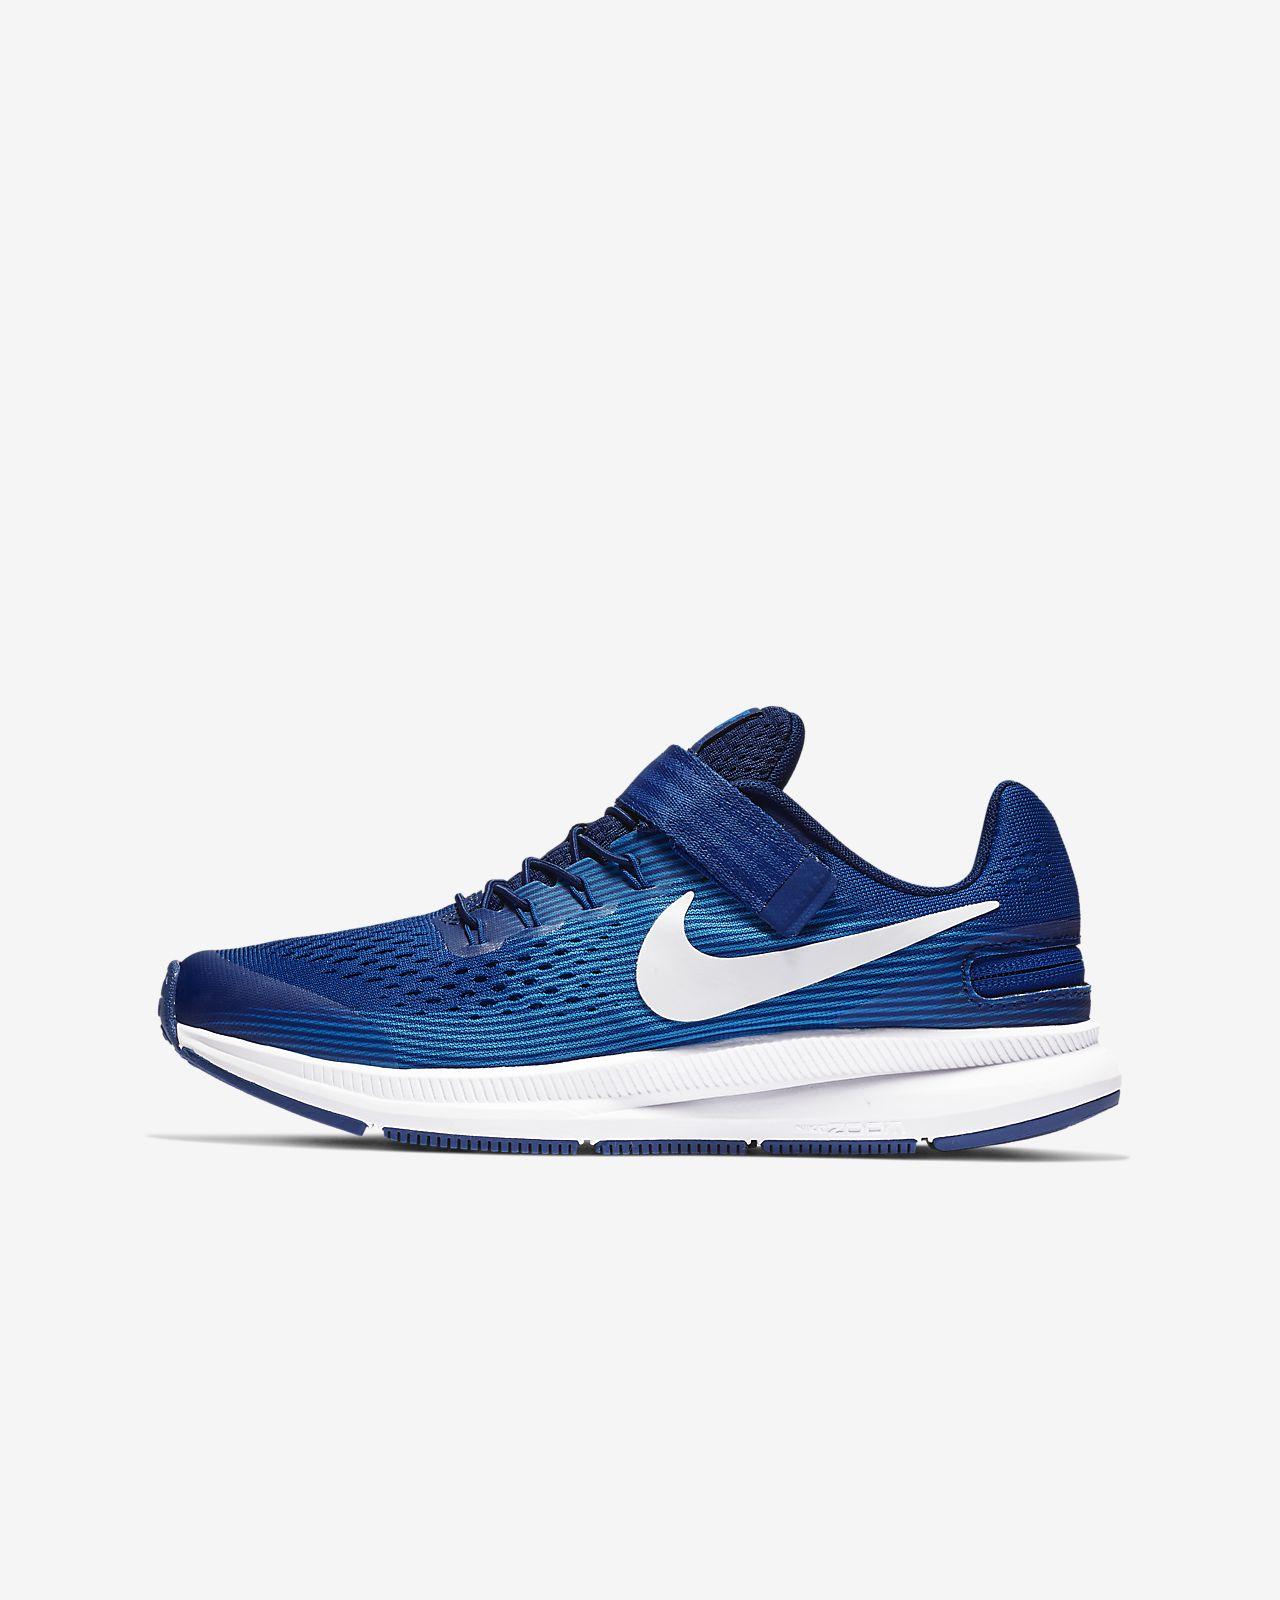 8c6ac2cd616 ... Nike Air Zoom Pegasus 34 FlyEase Zapatillas de running - Niño a y niño a